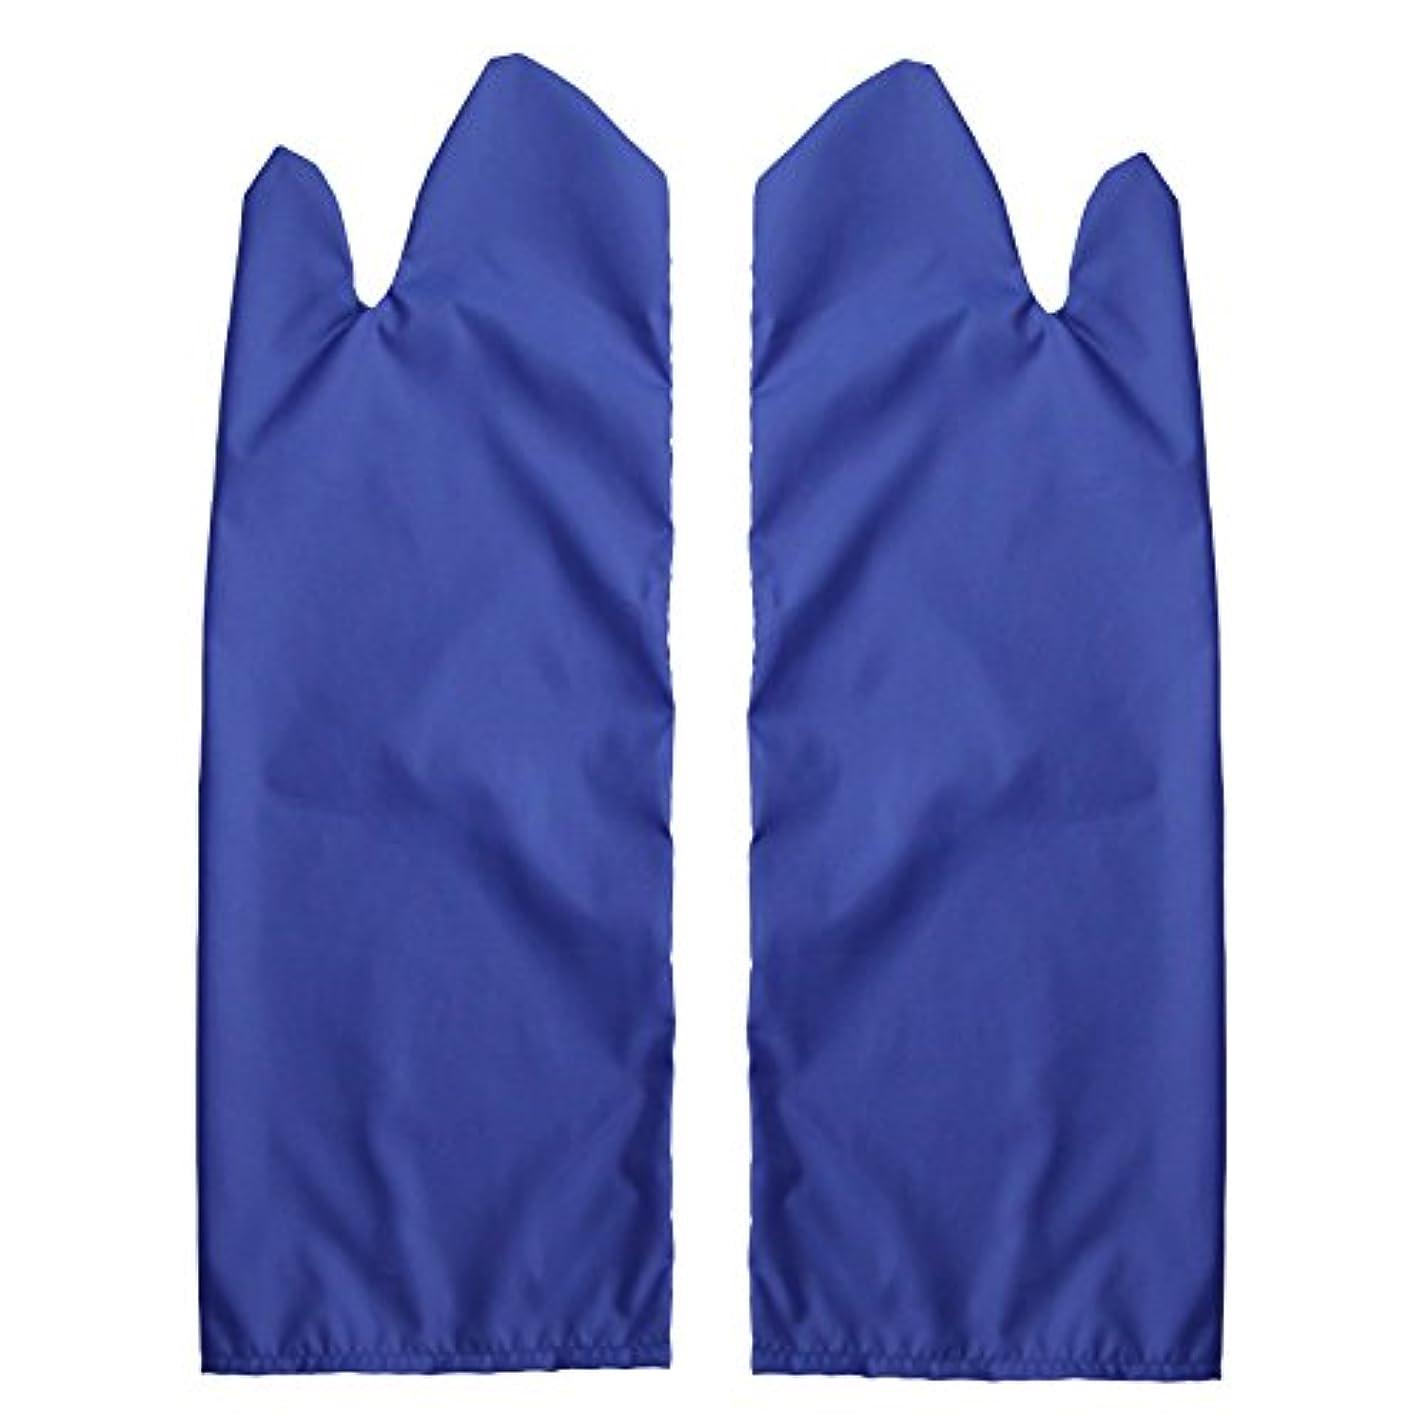 自分の力ですべてをする黒くする費やす体位変換用スライディンググローブ 撥水(ブルー) M /7-3681-03